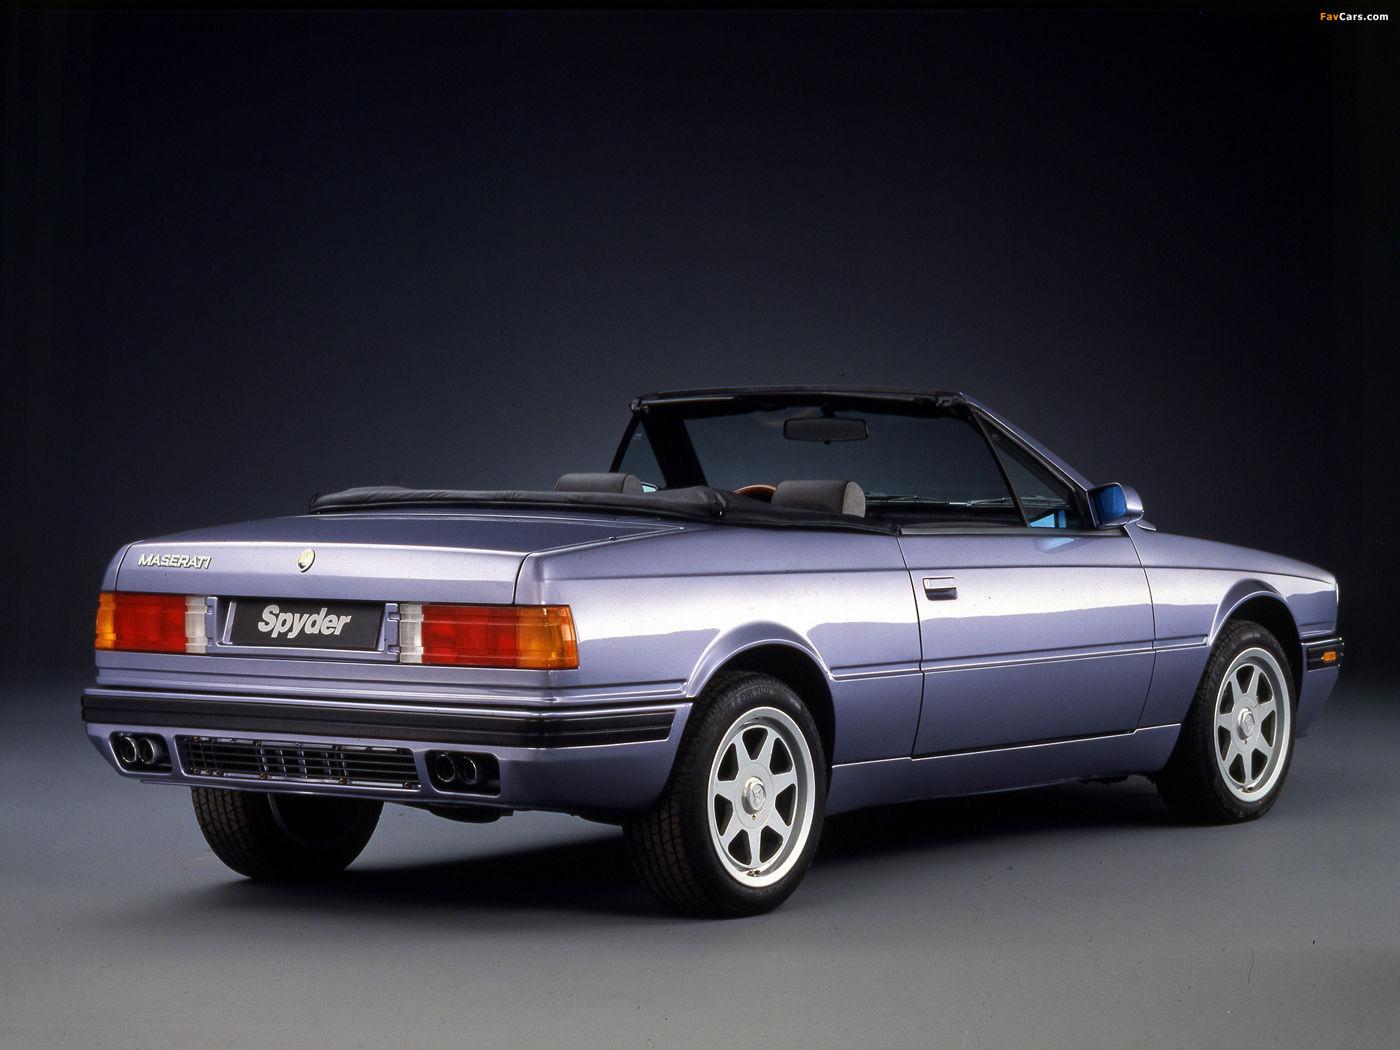 Maserati Classic - Biturbo Spyder Cabriolet - carrosserie grise - vue latérale postérieure